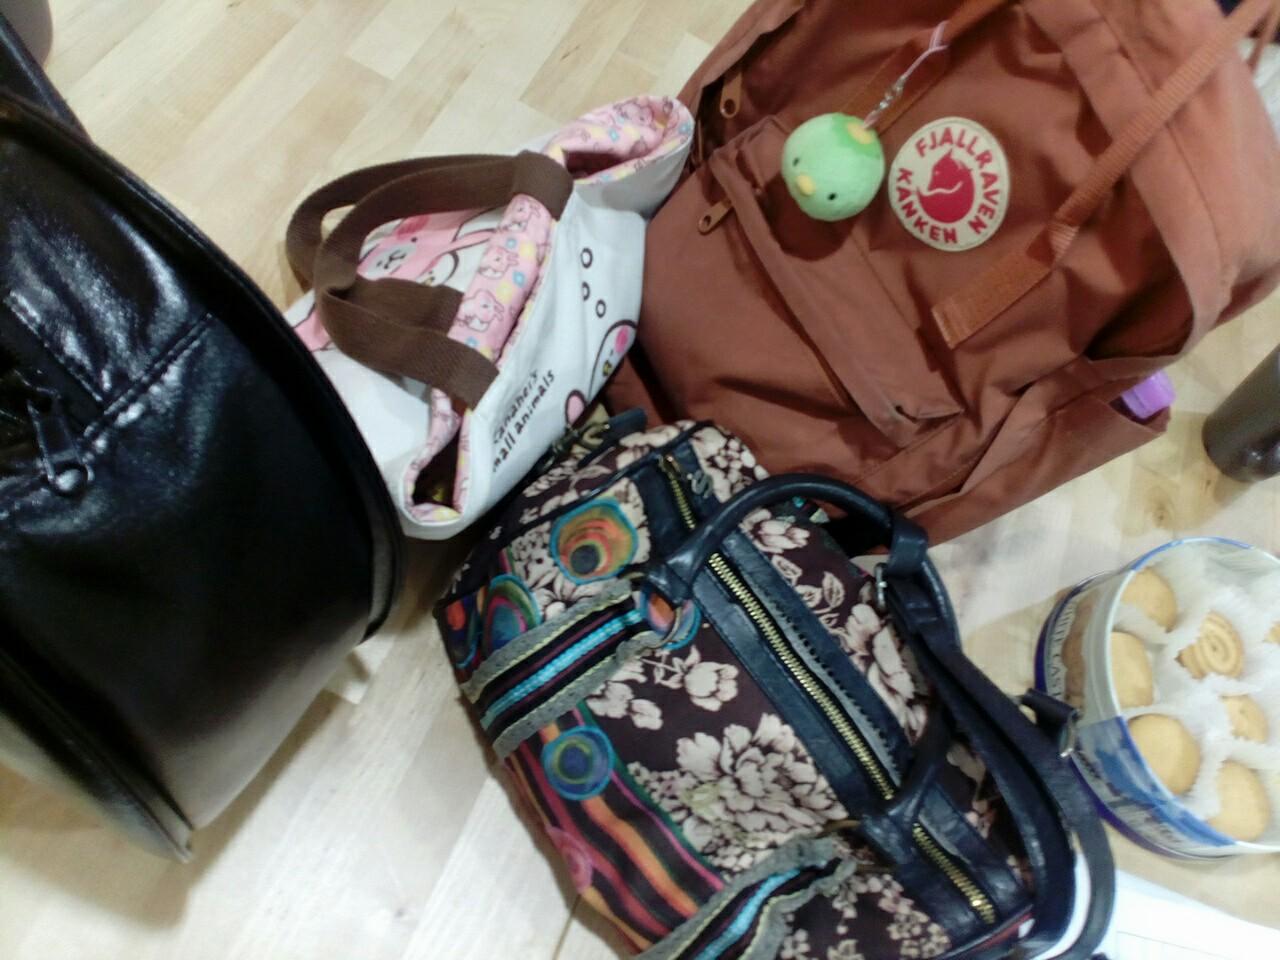 【女子会・言語交流会】お出かけ前の一時間、カバンの中身は?【女子會・語言交流會】出門前的一小時、包包裡面有?